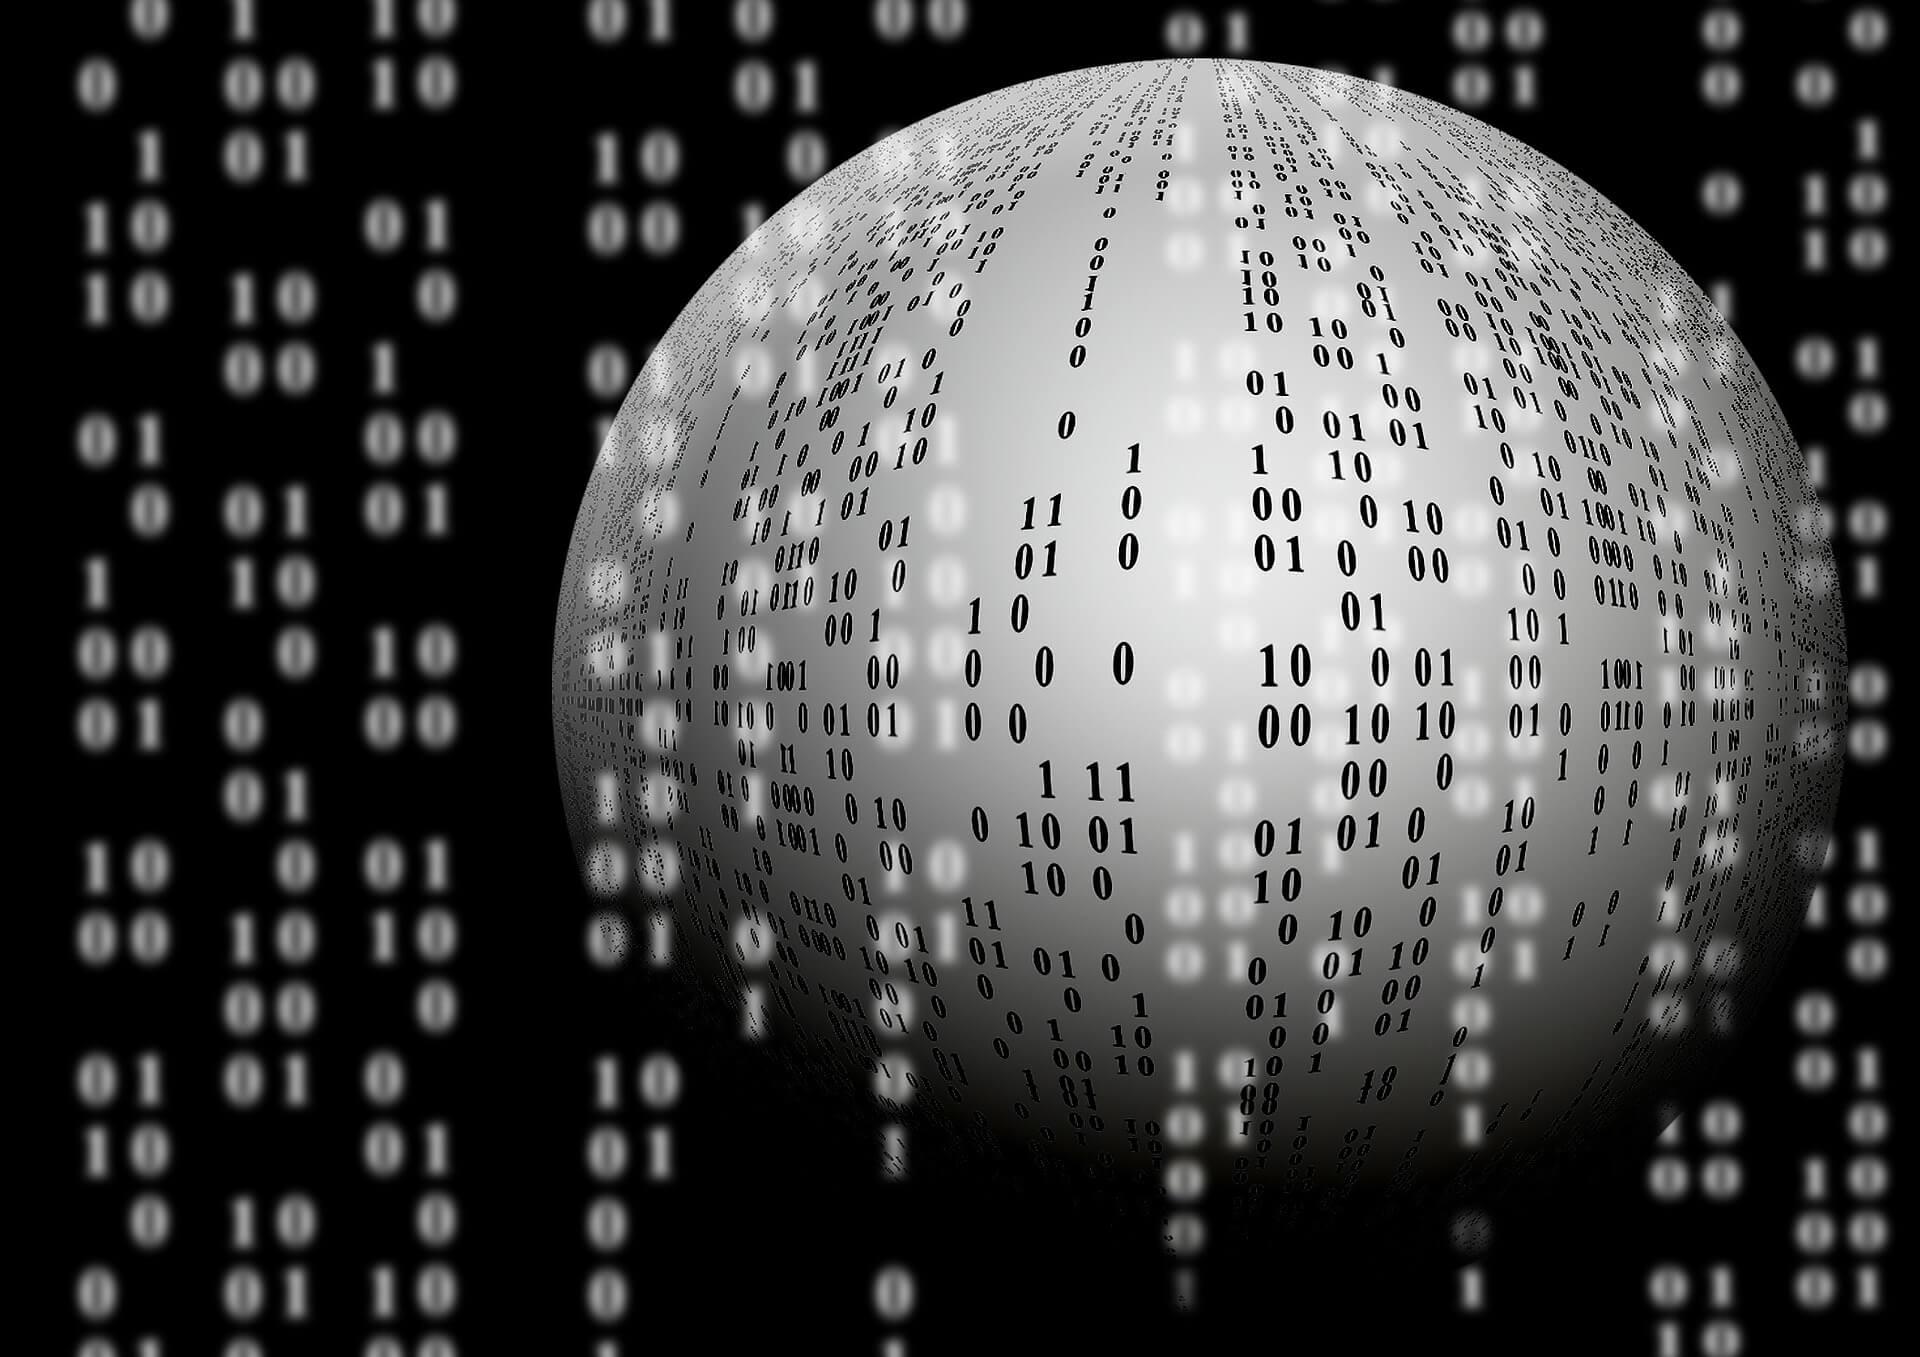 bigdata - Das Hinweis- und Informationssystem der Versicherer